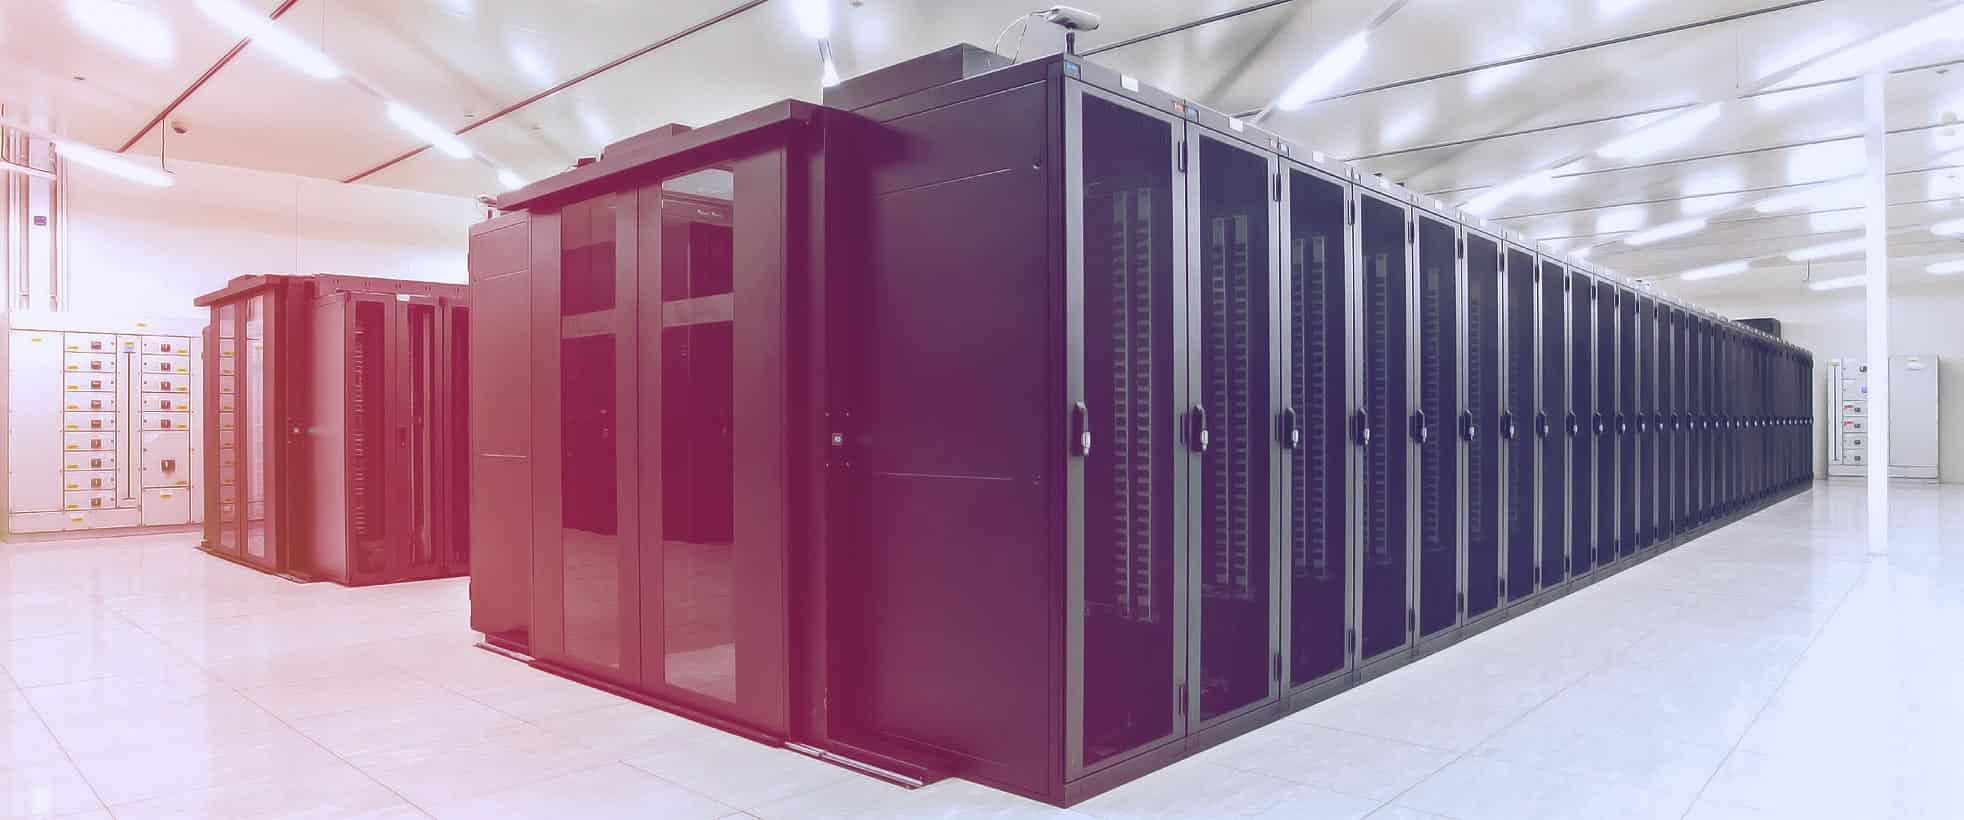 دیتاسنتر | طراحی دیتاسنتر | Data Center